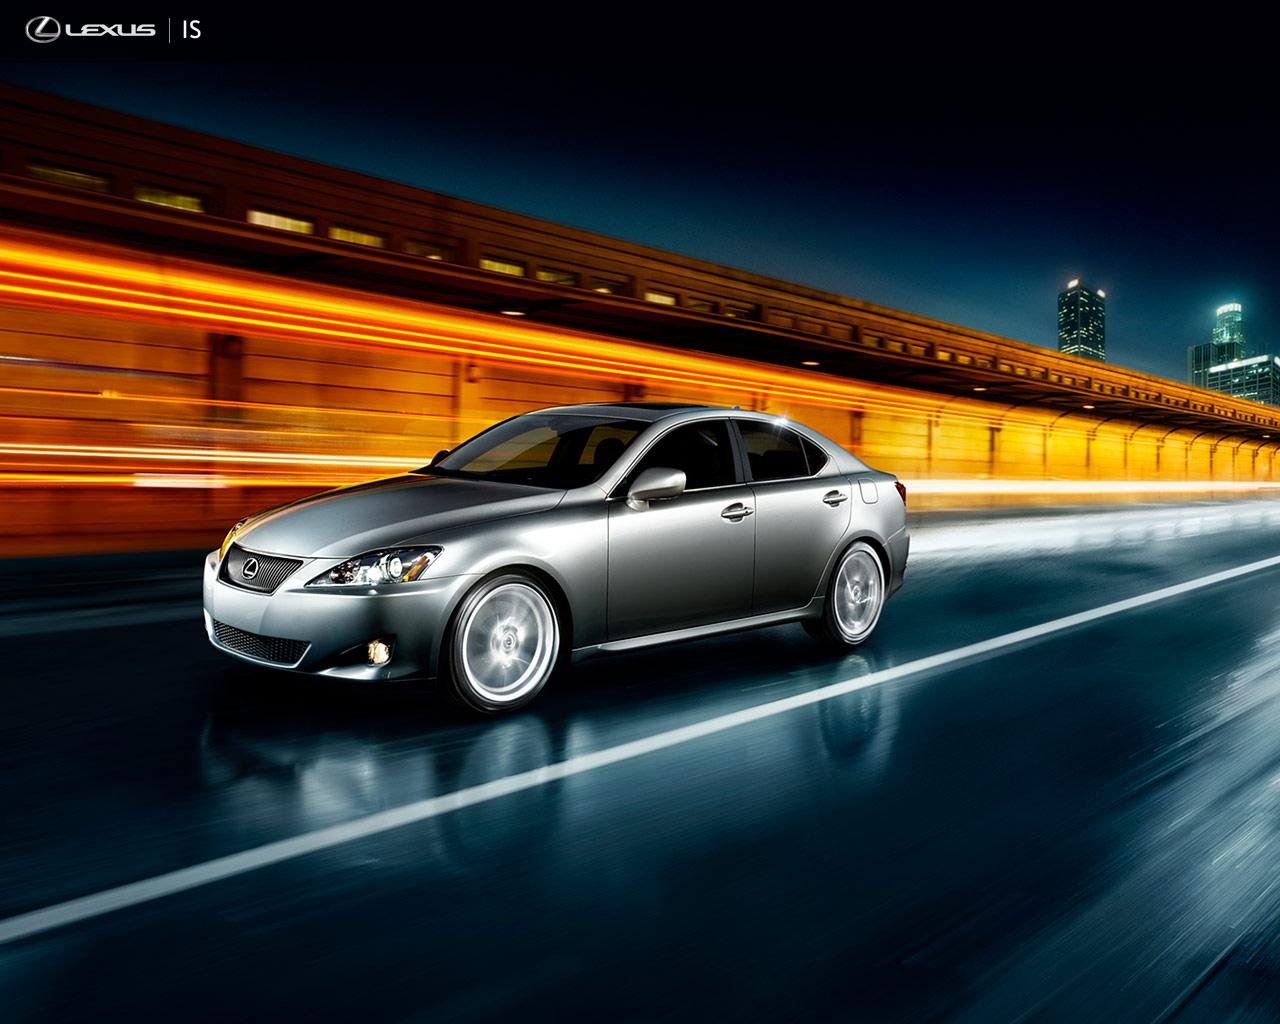 16 Luxury Pubg Wallpaper Iphone 6: 2007 Lexus IS 250/IS350 Desktop Wallpaper And High